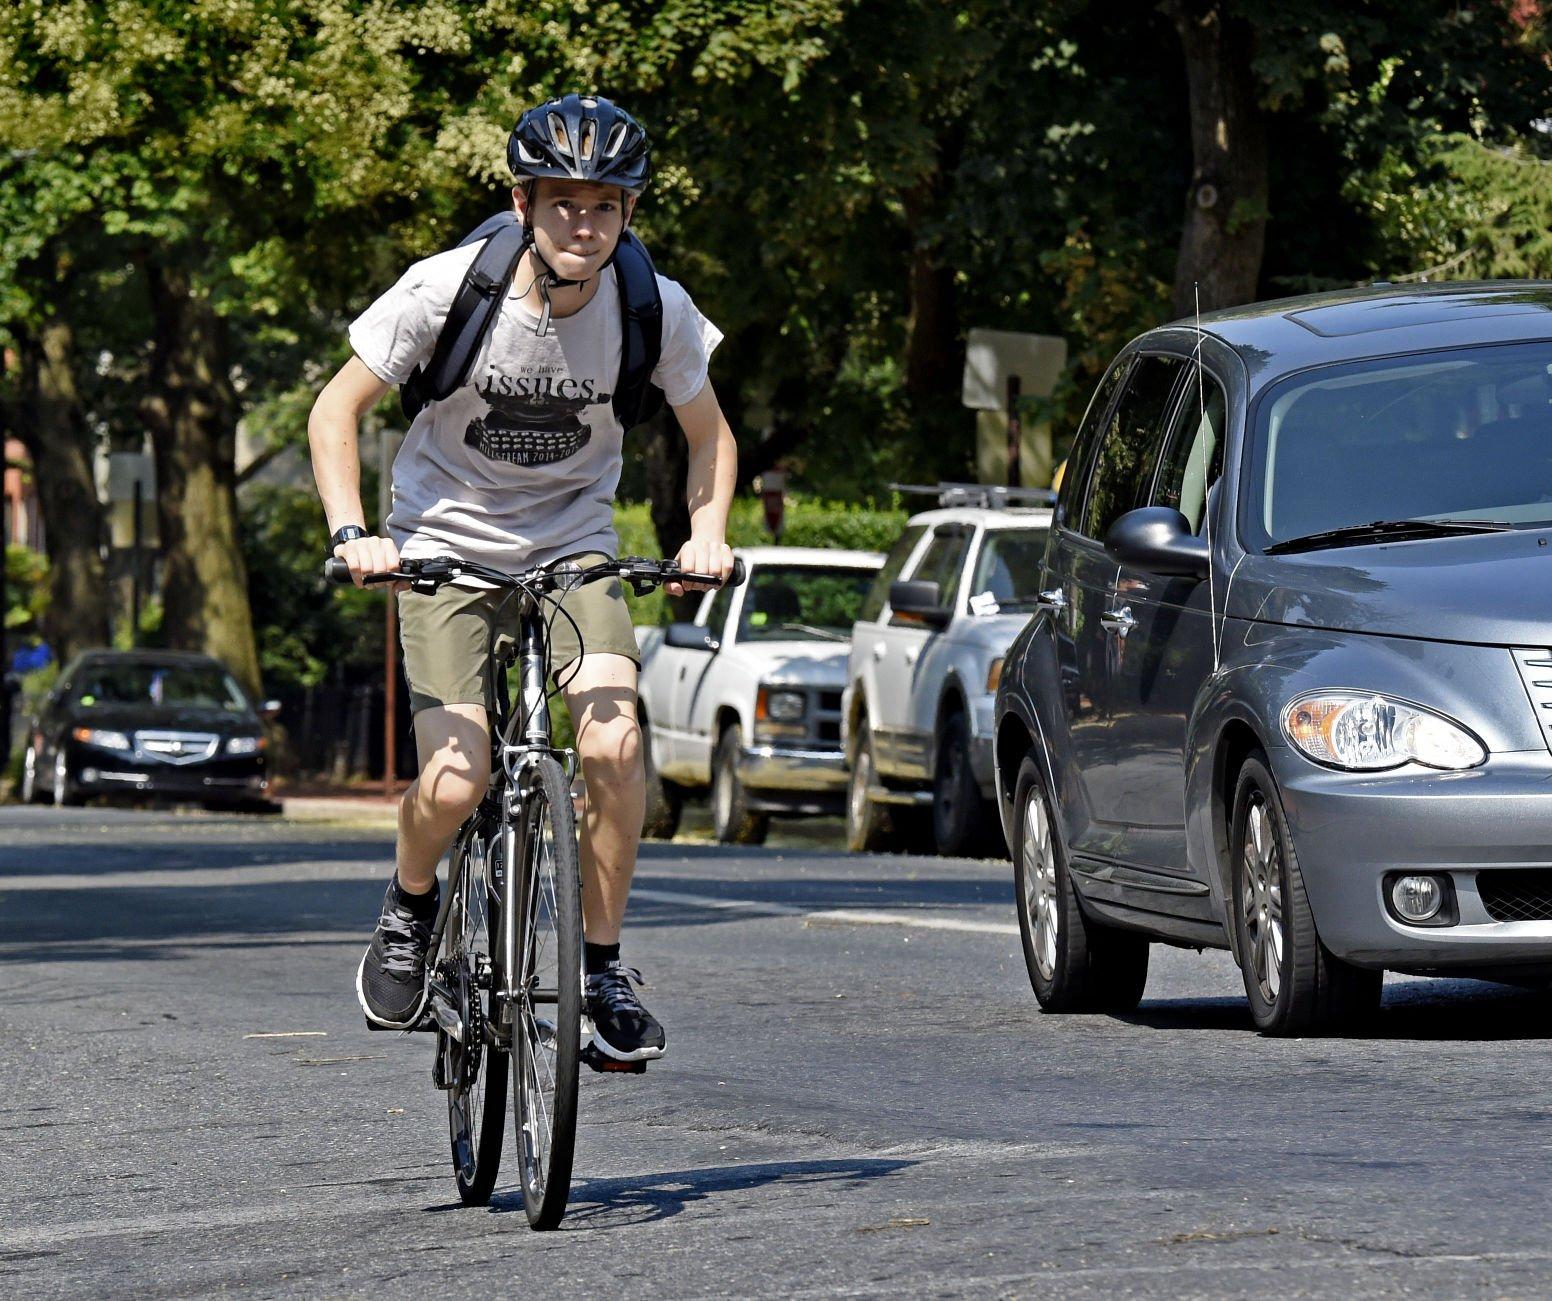 Lancaster bicycling bike lane bicycle lane